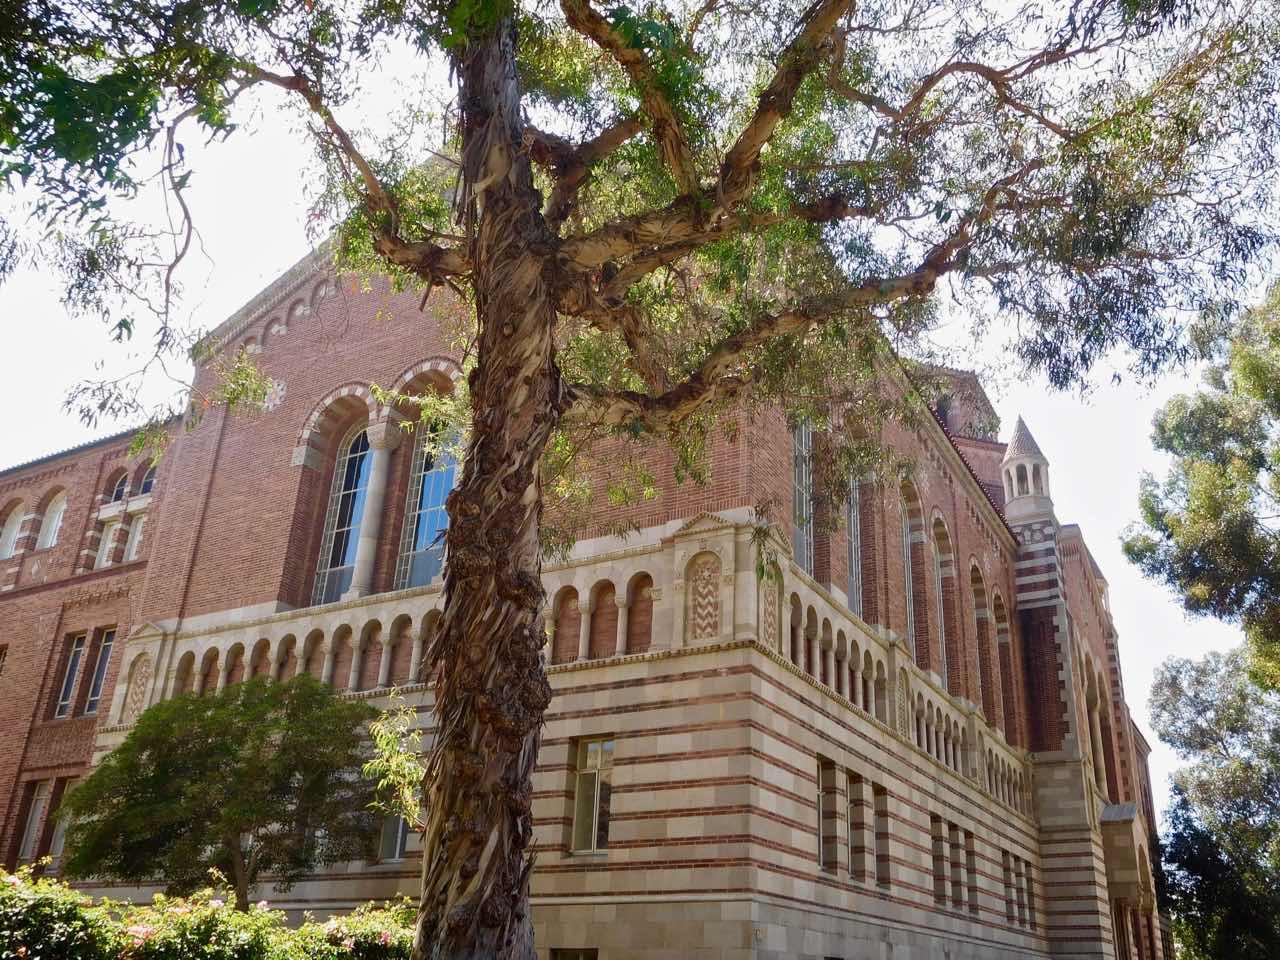 3 Days in L.A. - UCLA Campus (4)